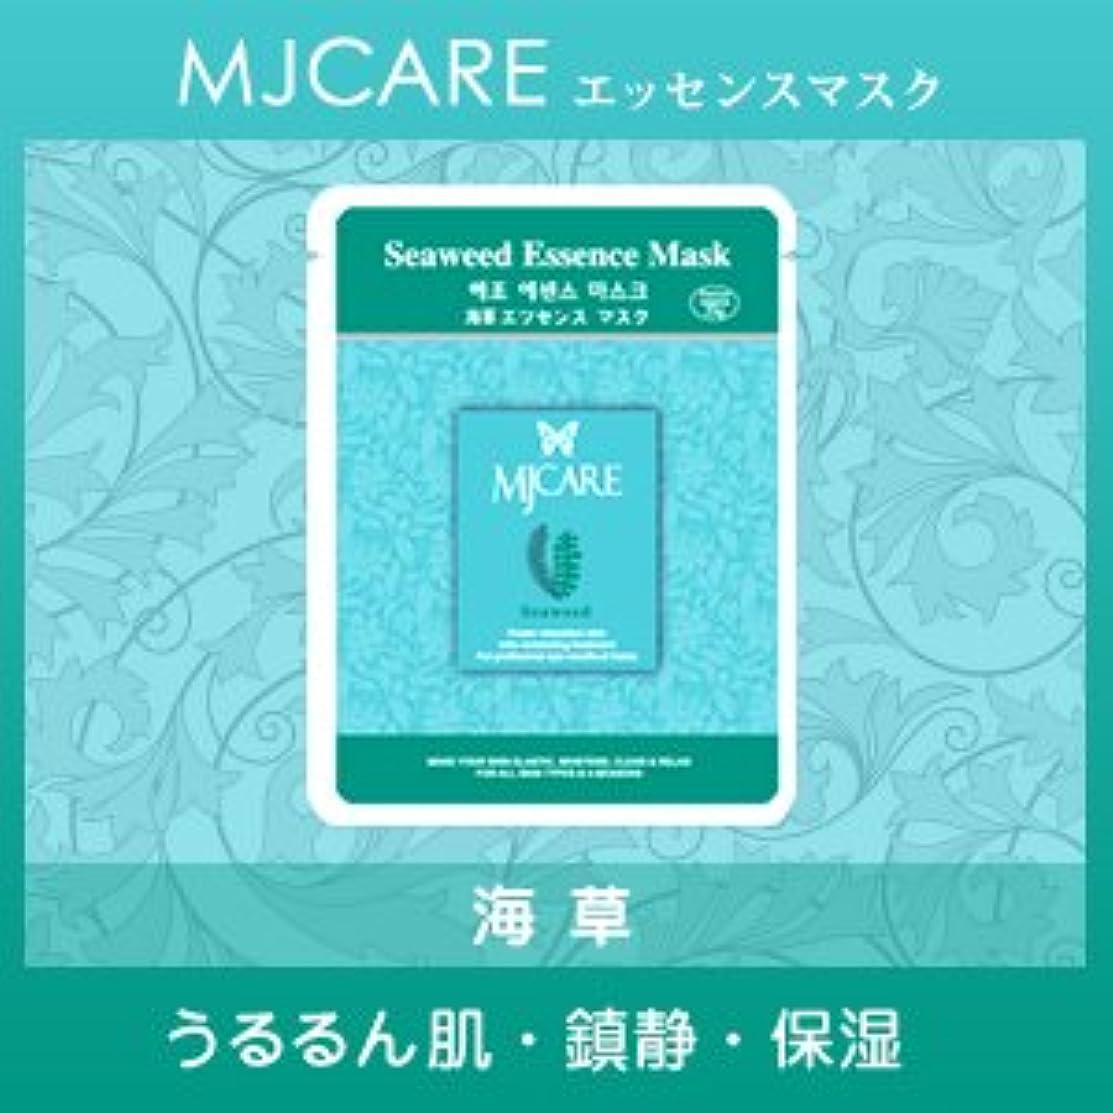 メタンモニカソフトウェアMJCARE (エムジェイケア) 海草 エッセンスマスク